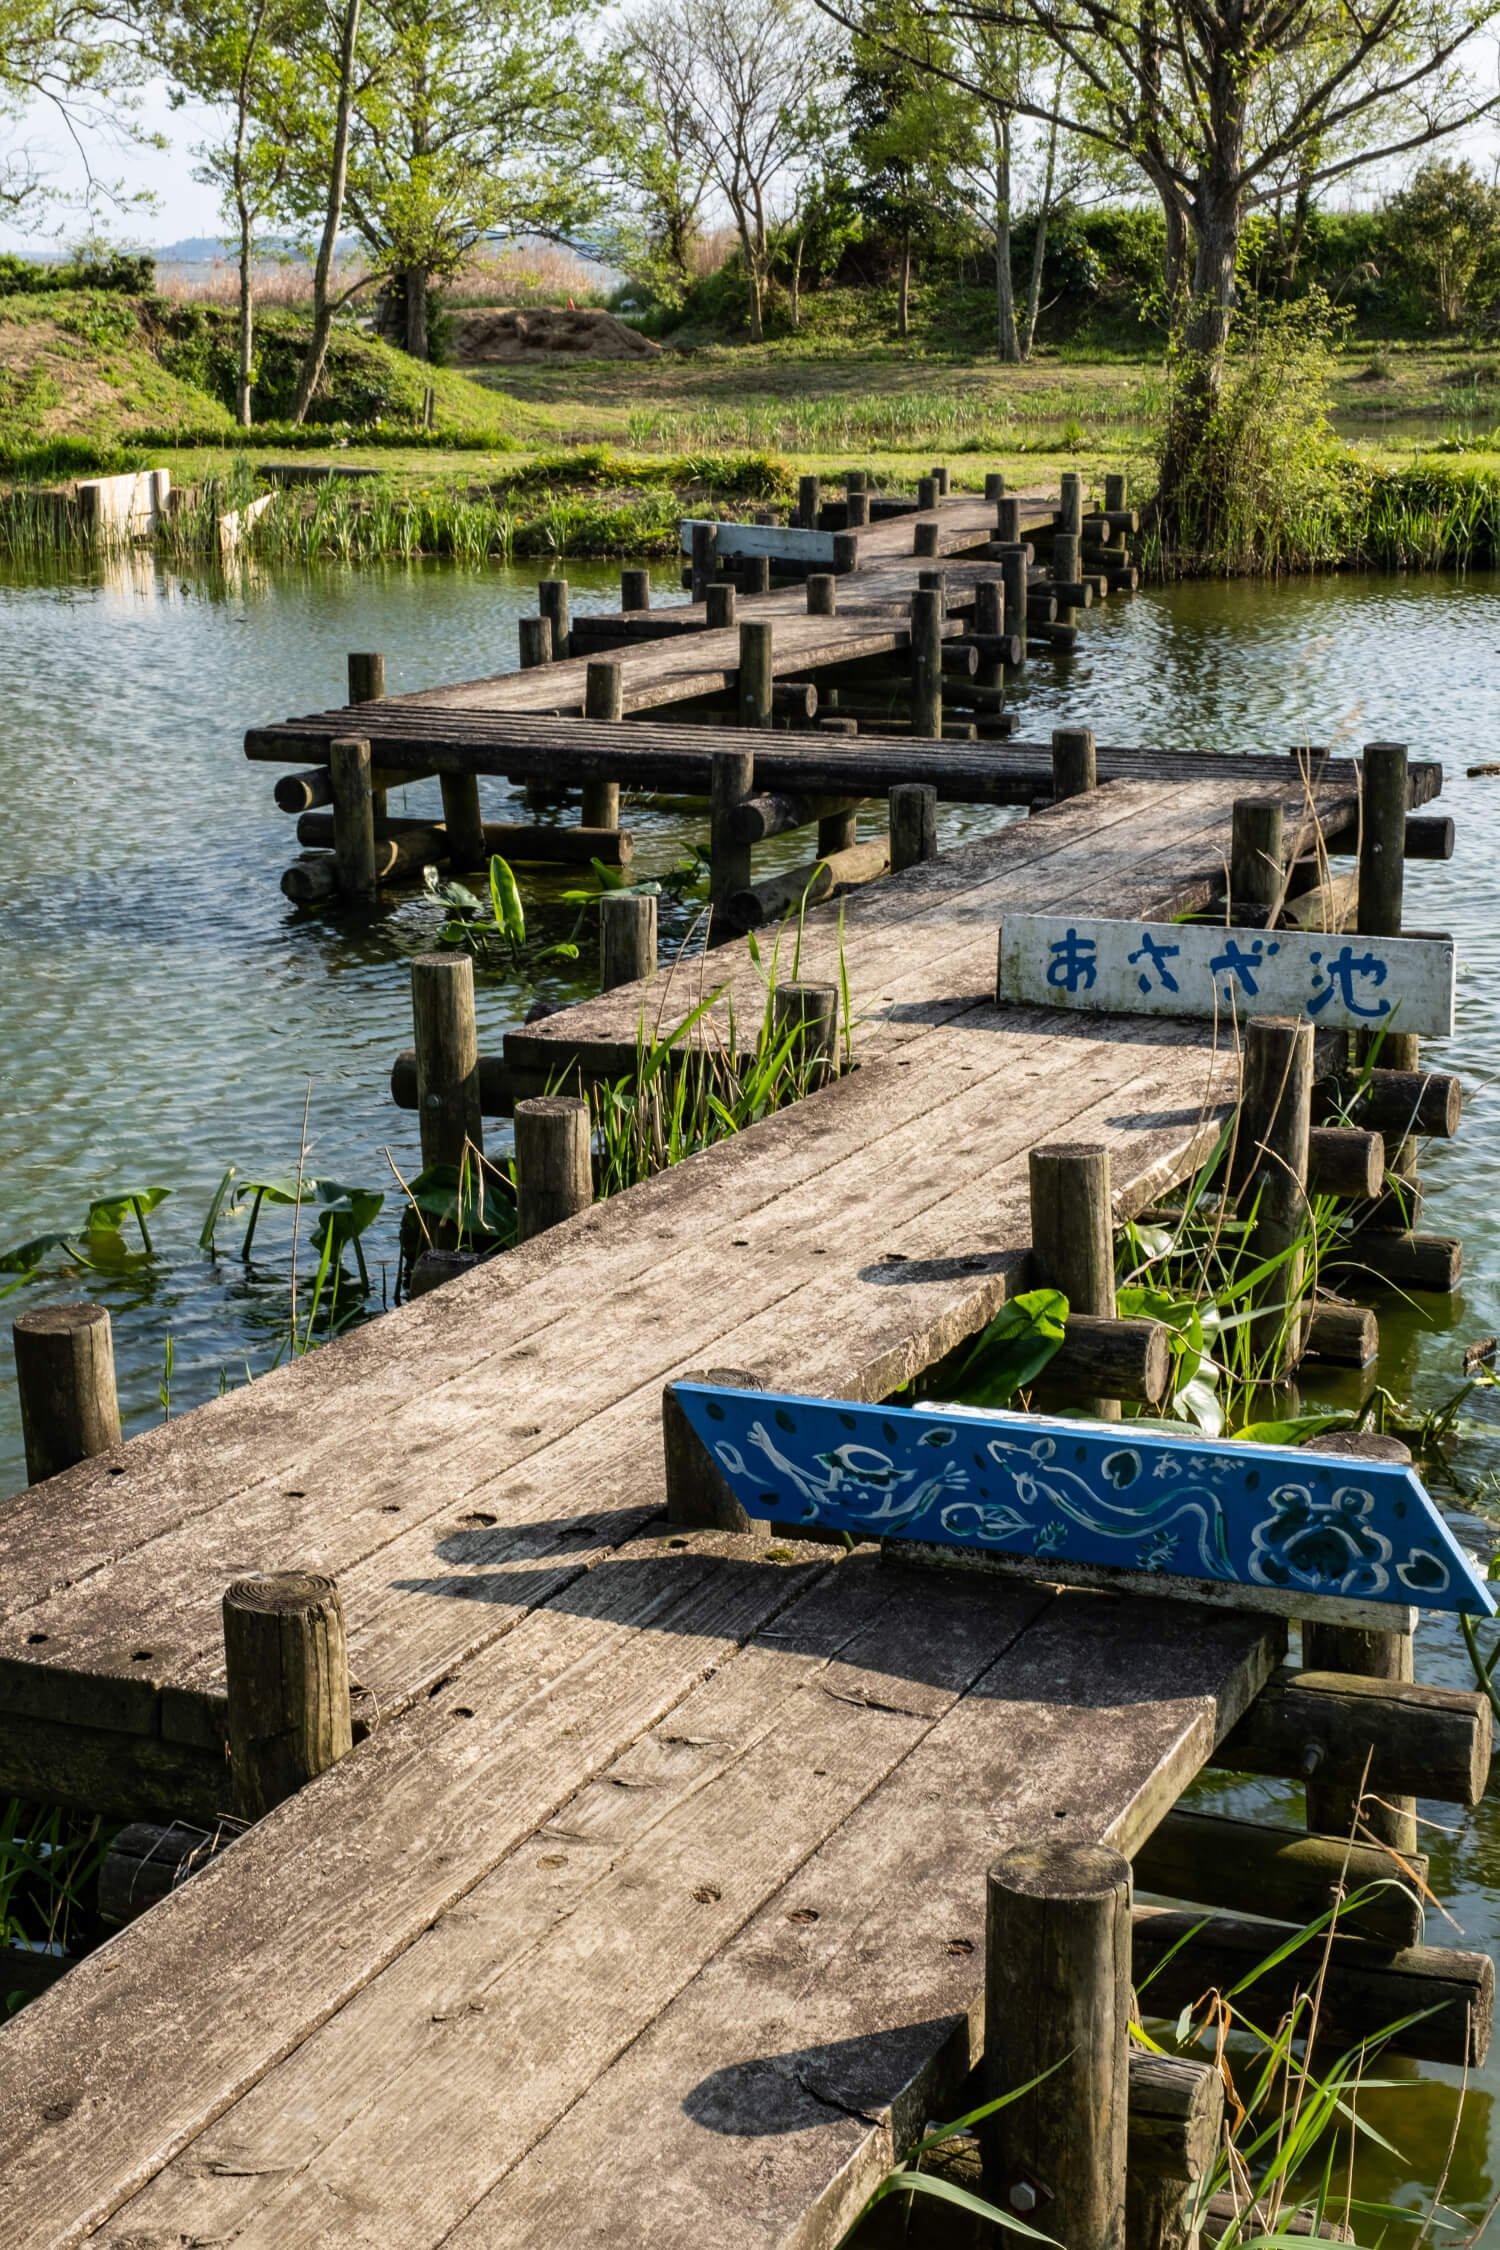 園内の池には自然観察用の木道がジグザグに延びている。